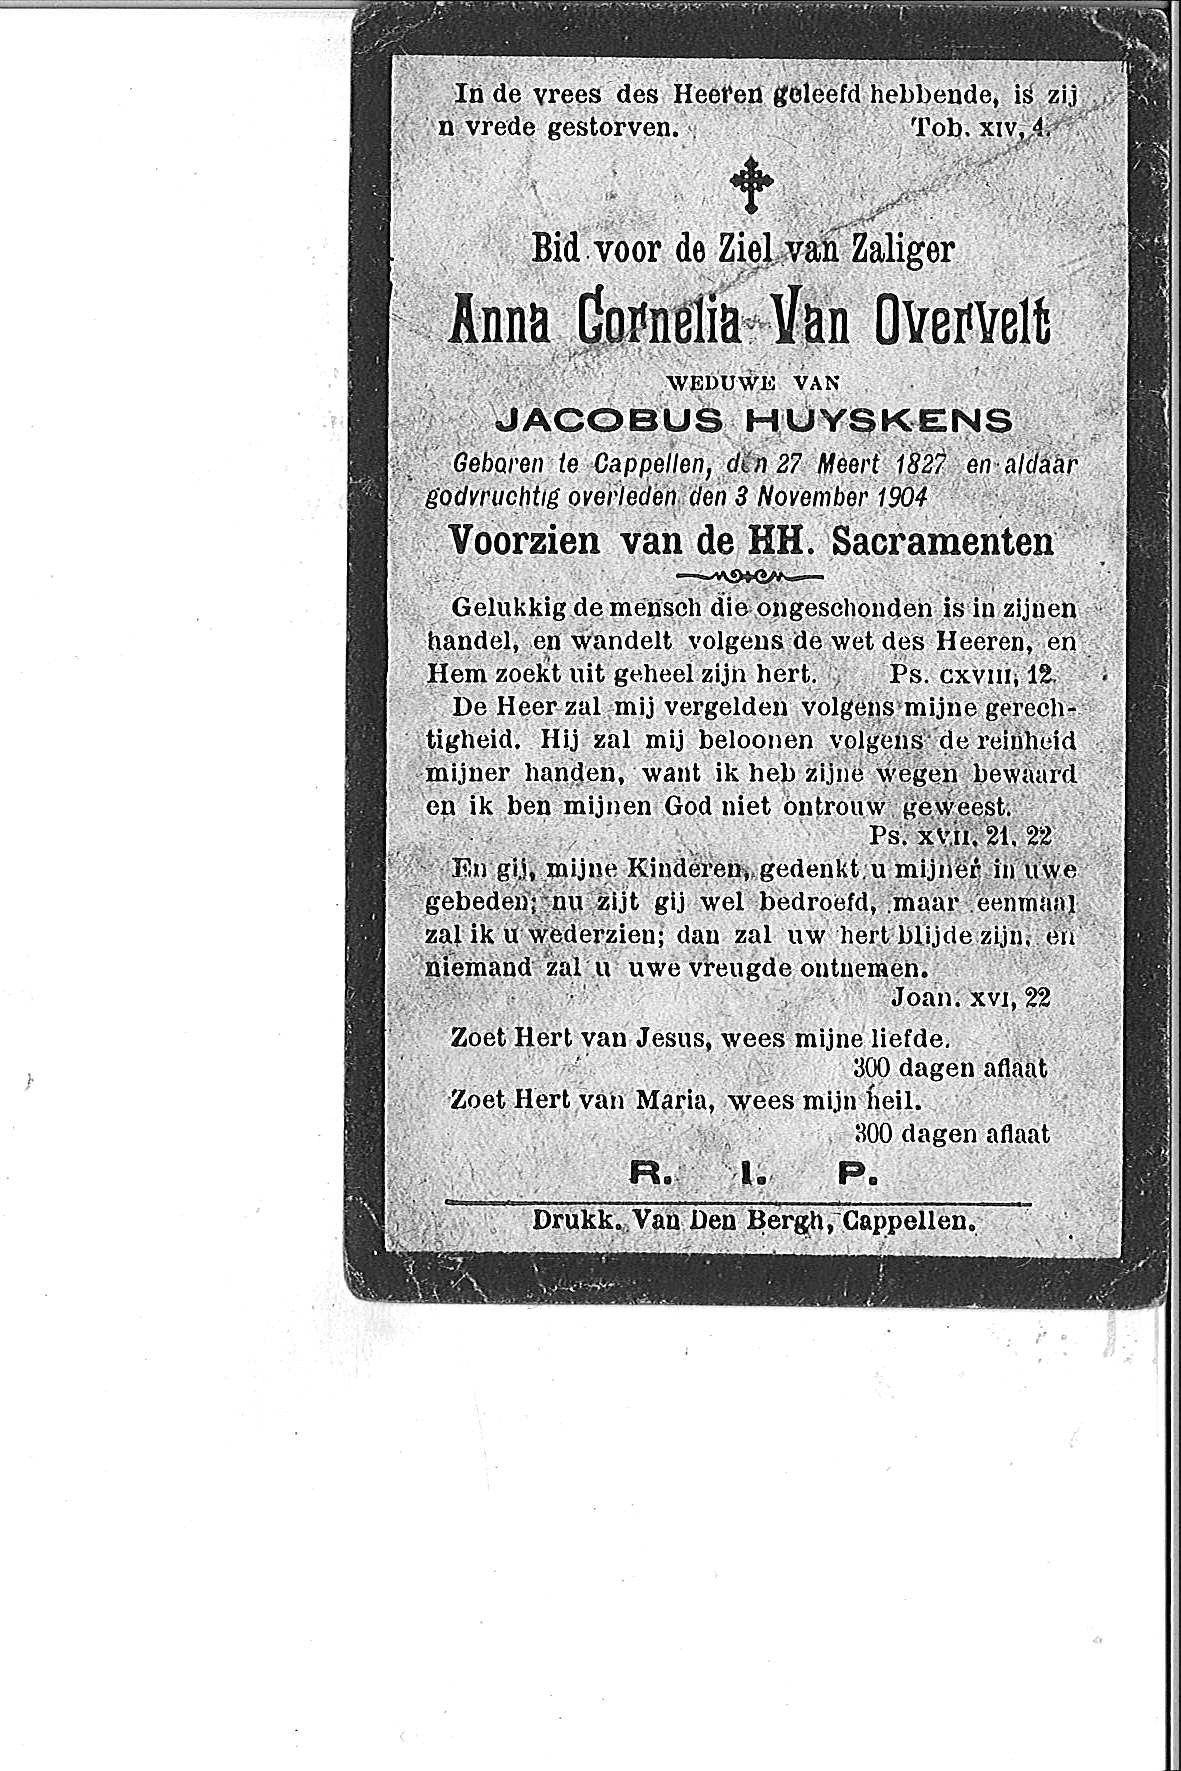 Van Overvelt Anna-Cornelia